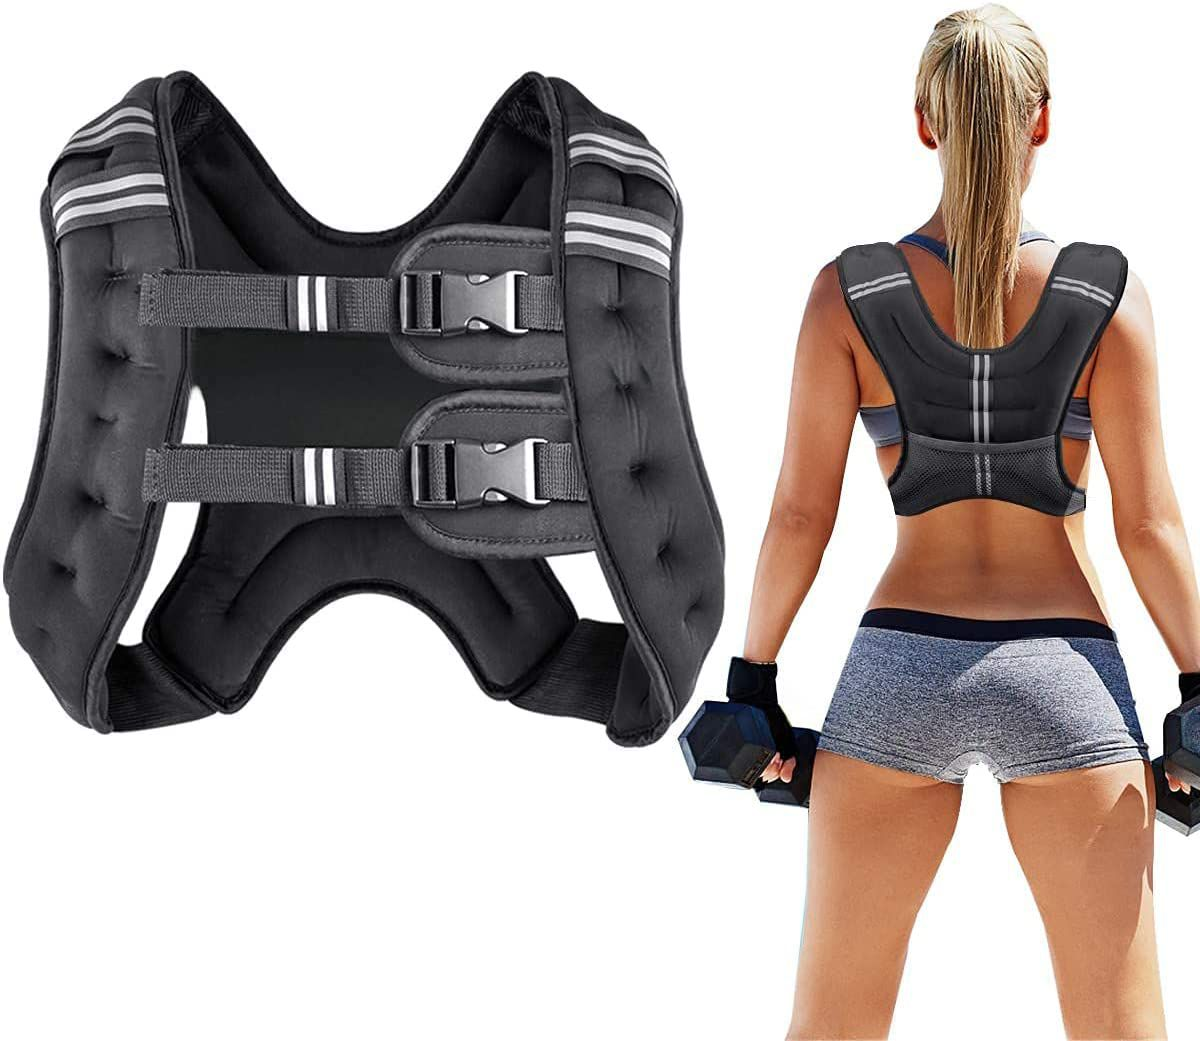 Prodigen Weighted Vest